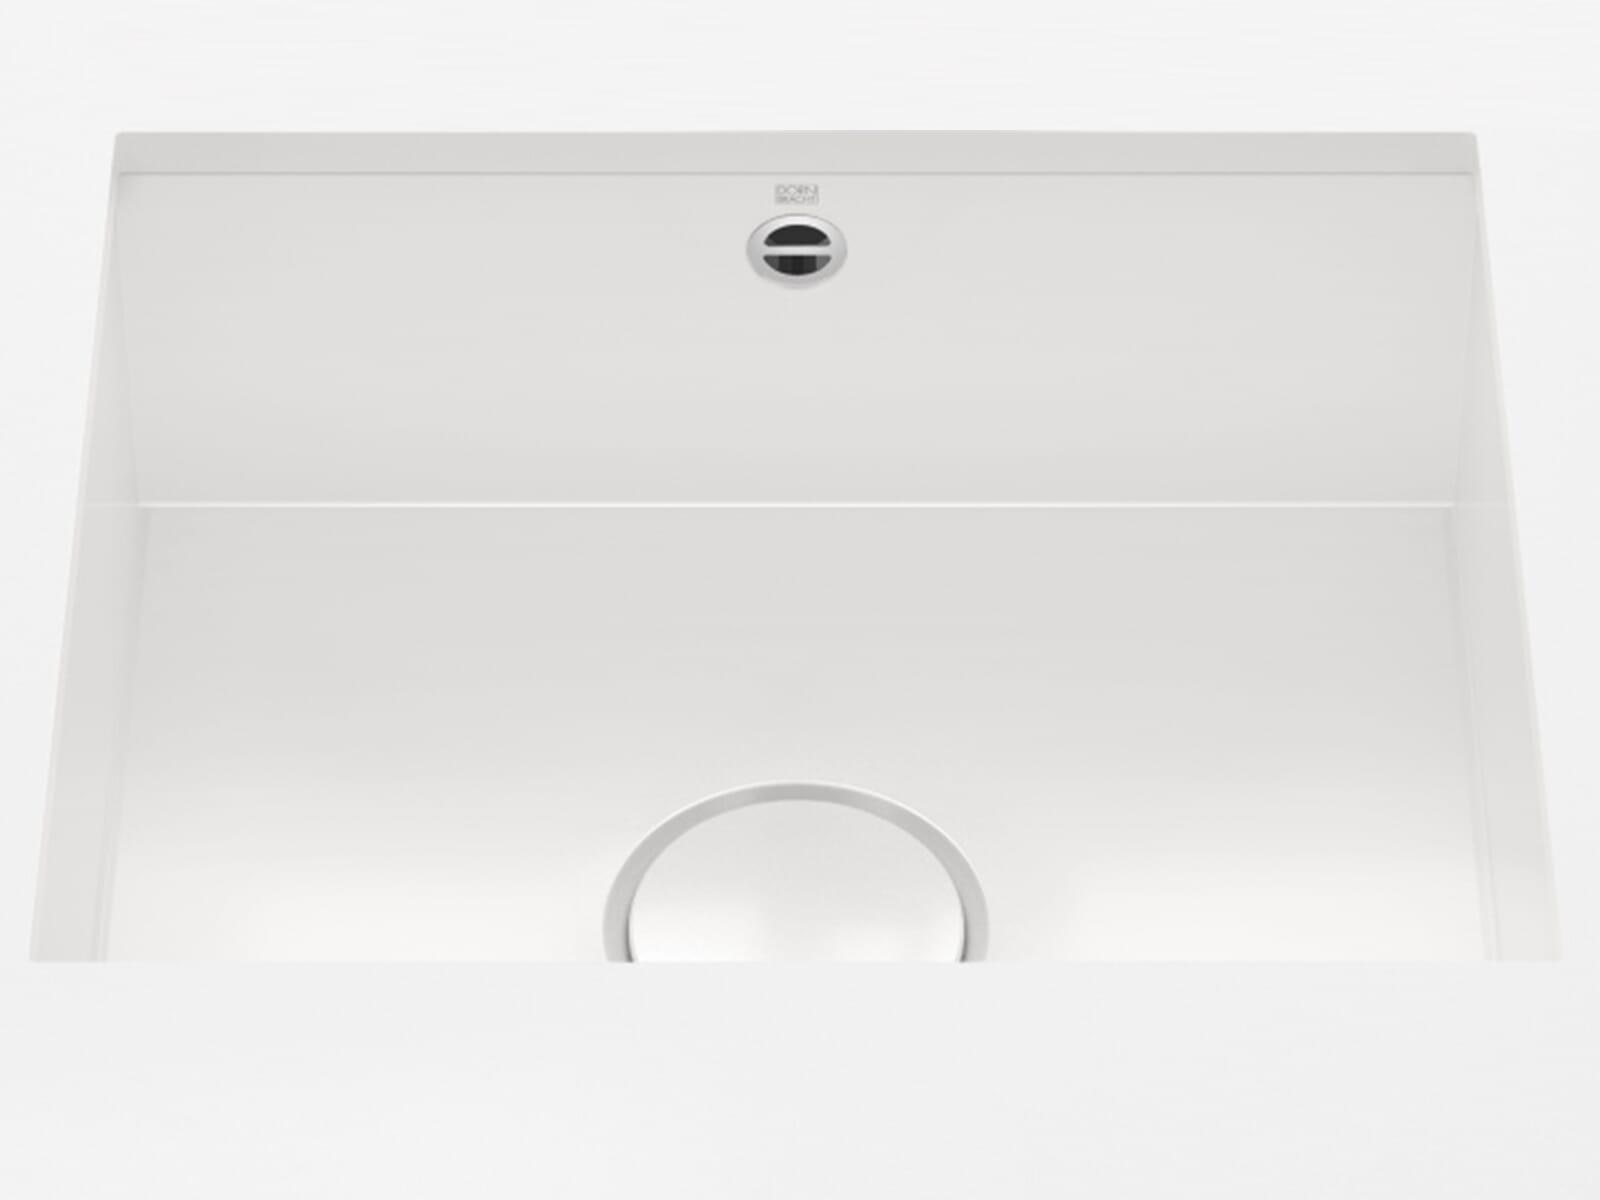 Dornbracht Unterbau-Spüle Glasierter Stahl Weiß Glänzend 38500002-73